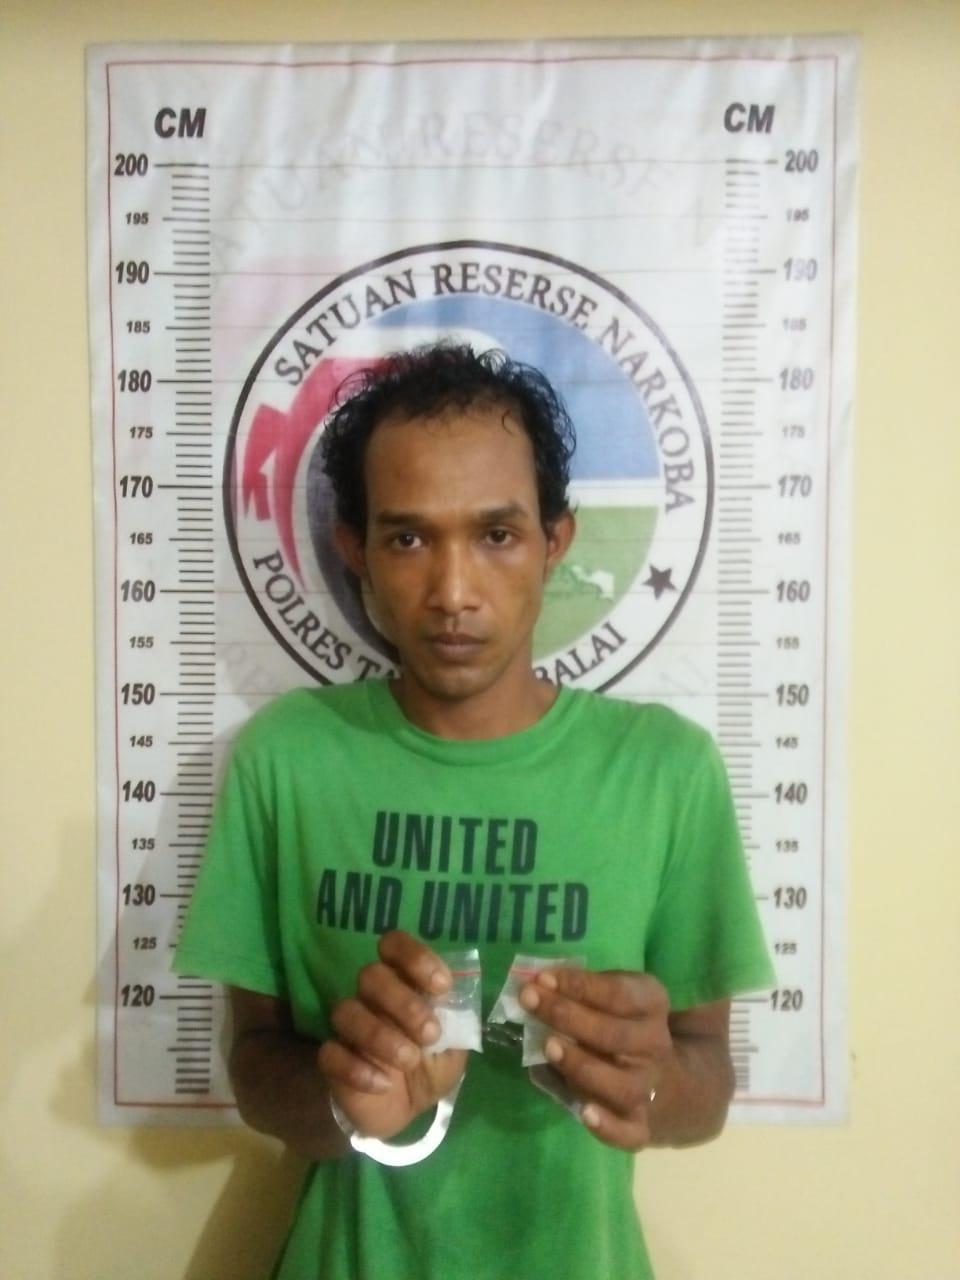 (Ignatius Siagian/taslabnews)  Tersangka Wenda Putra alias Wenda berikut dengan barang buktinya setelah diamankan di Polres Tanjungbala